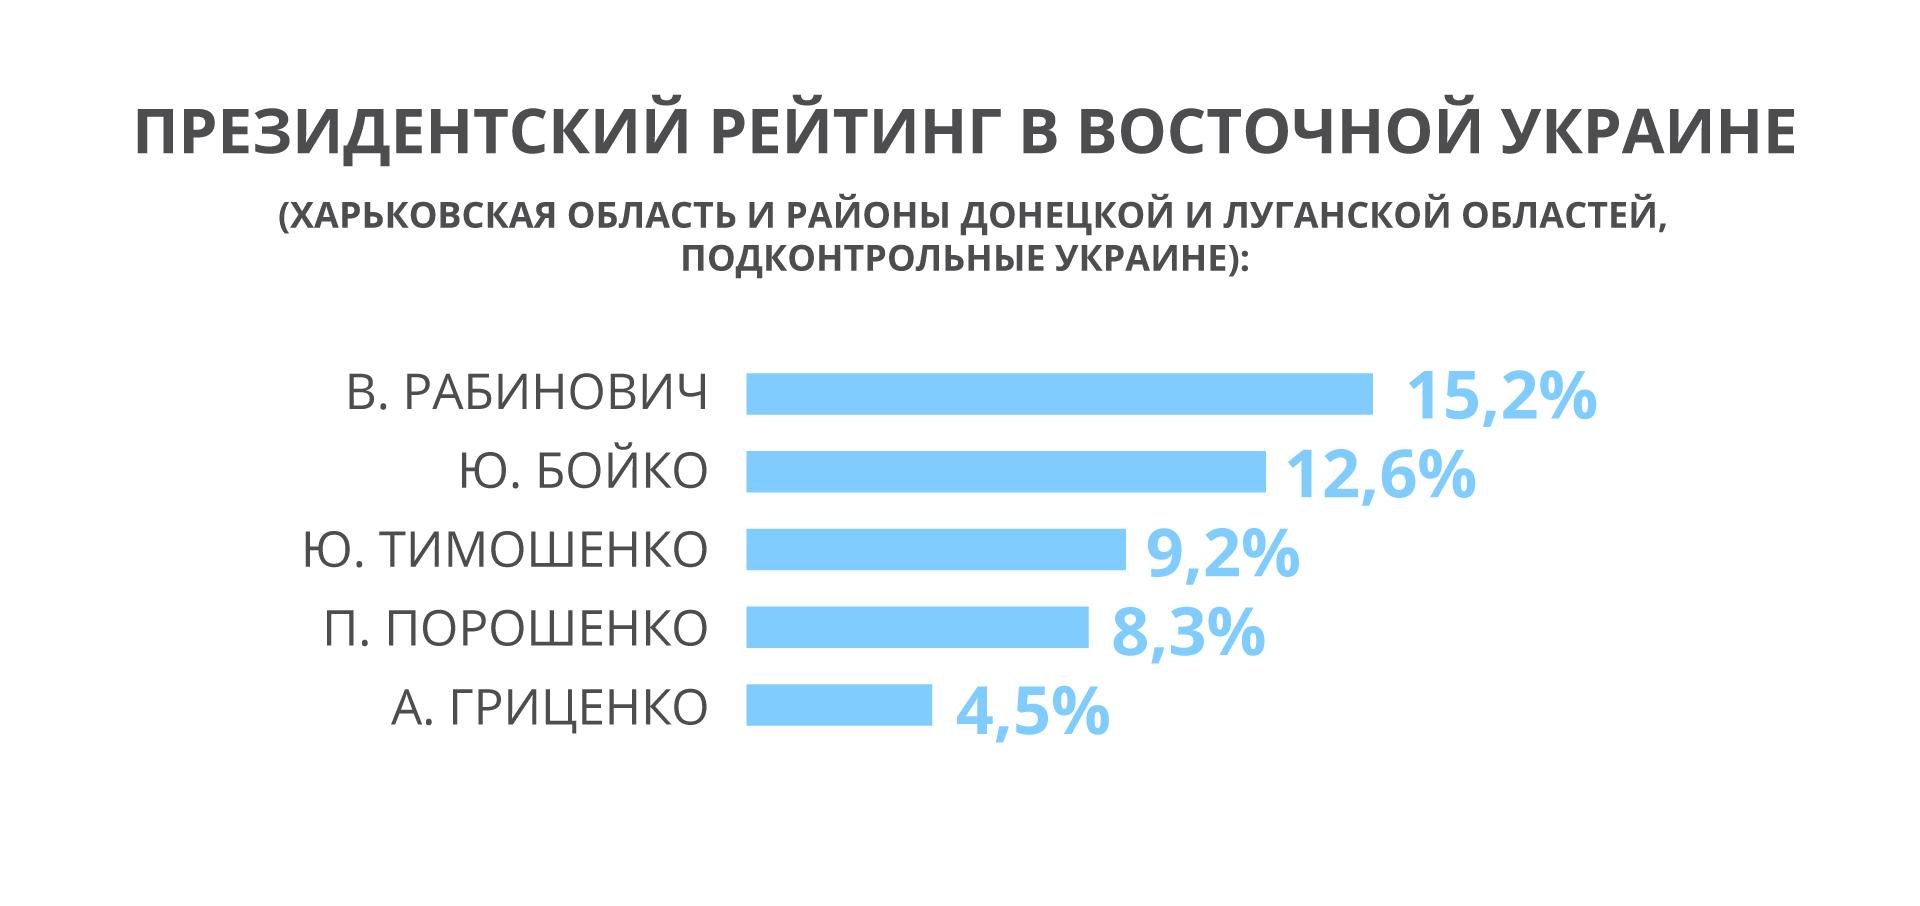 Партия «За життя» получила наибольшую поддержку среди населения юга и востока Украины, – пул социологов